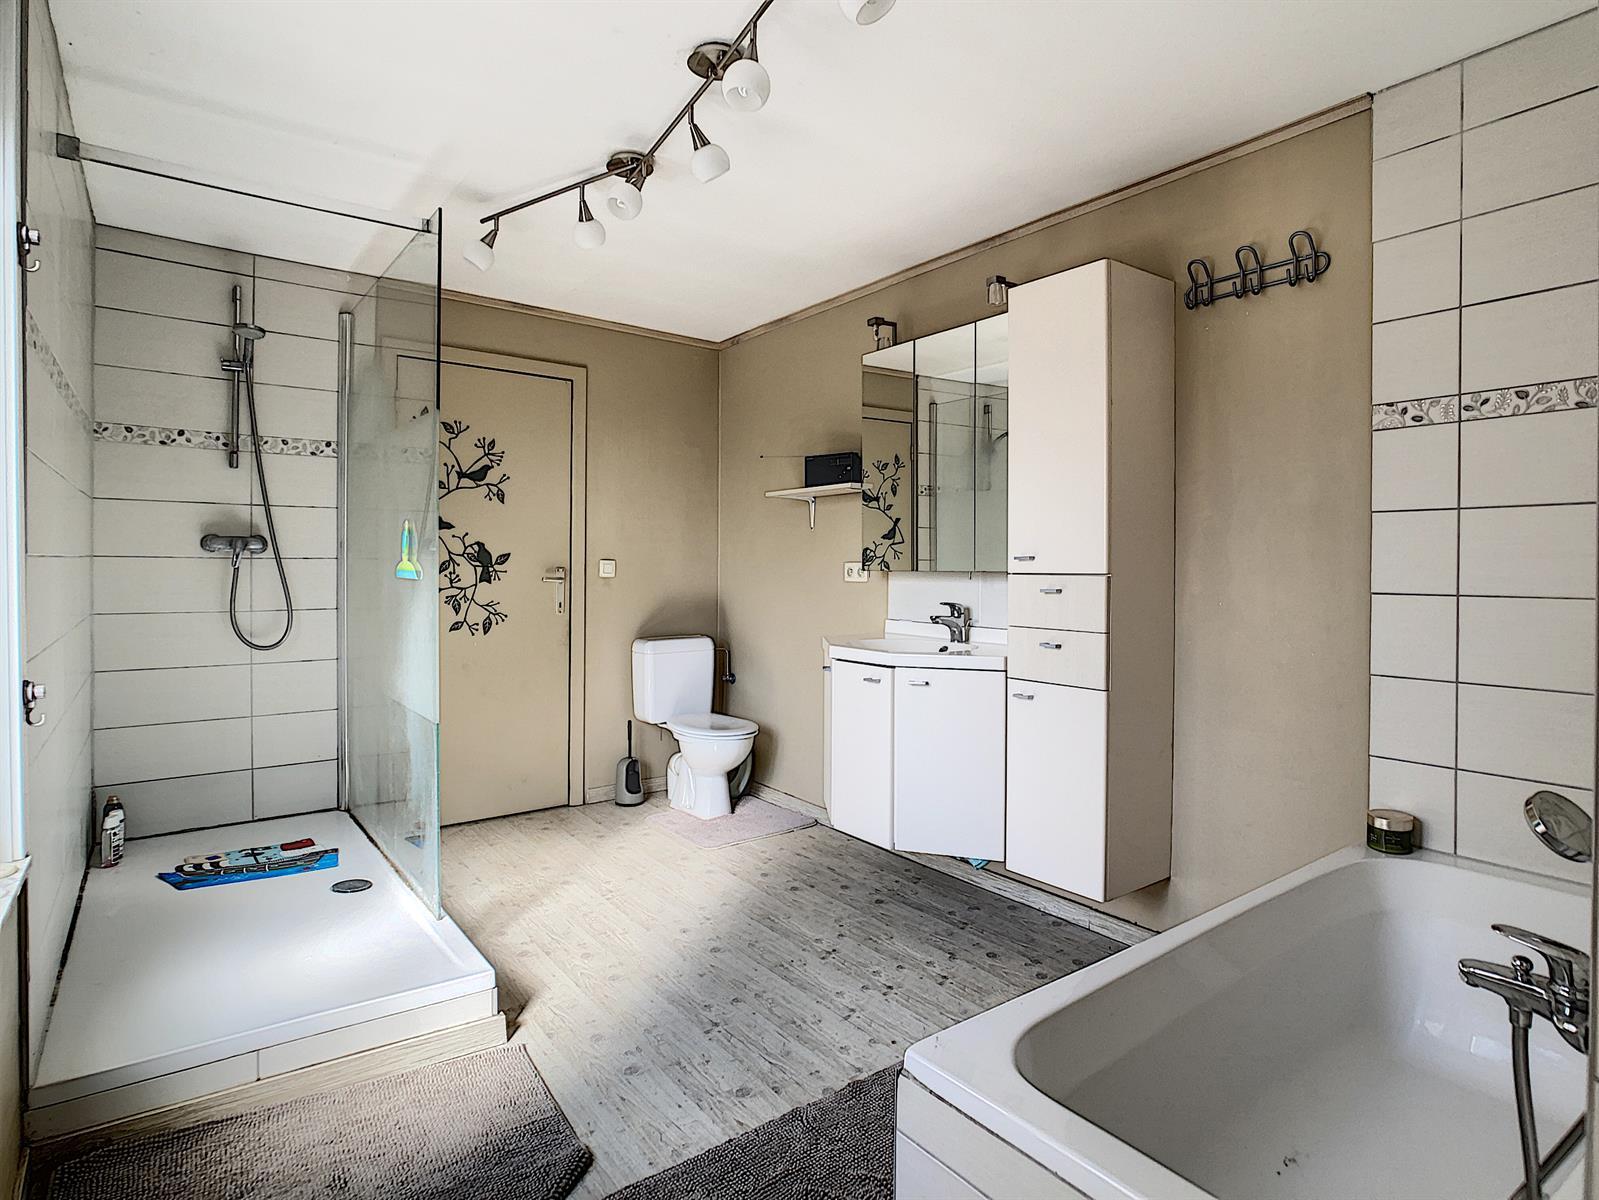 Maison - Charleroi Marcinelle - #4139603-7